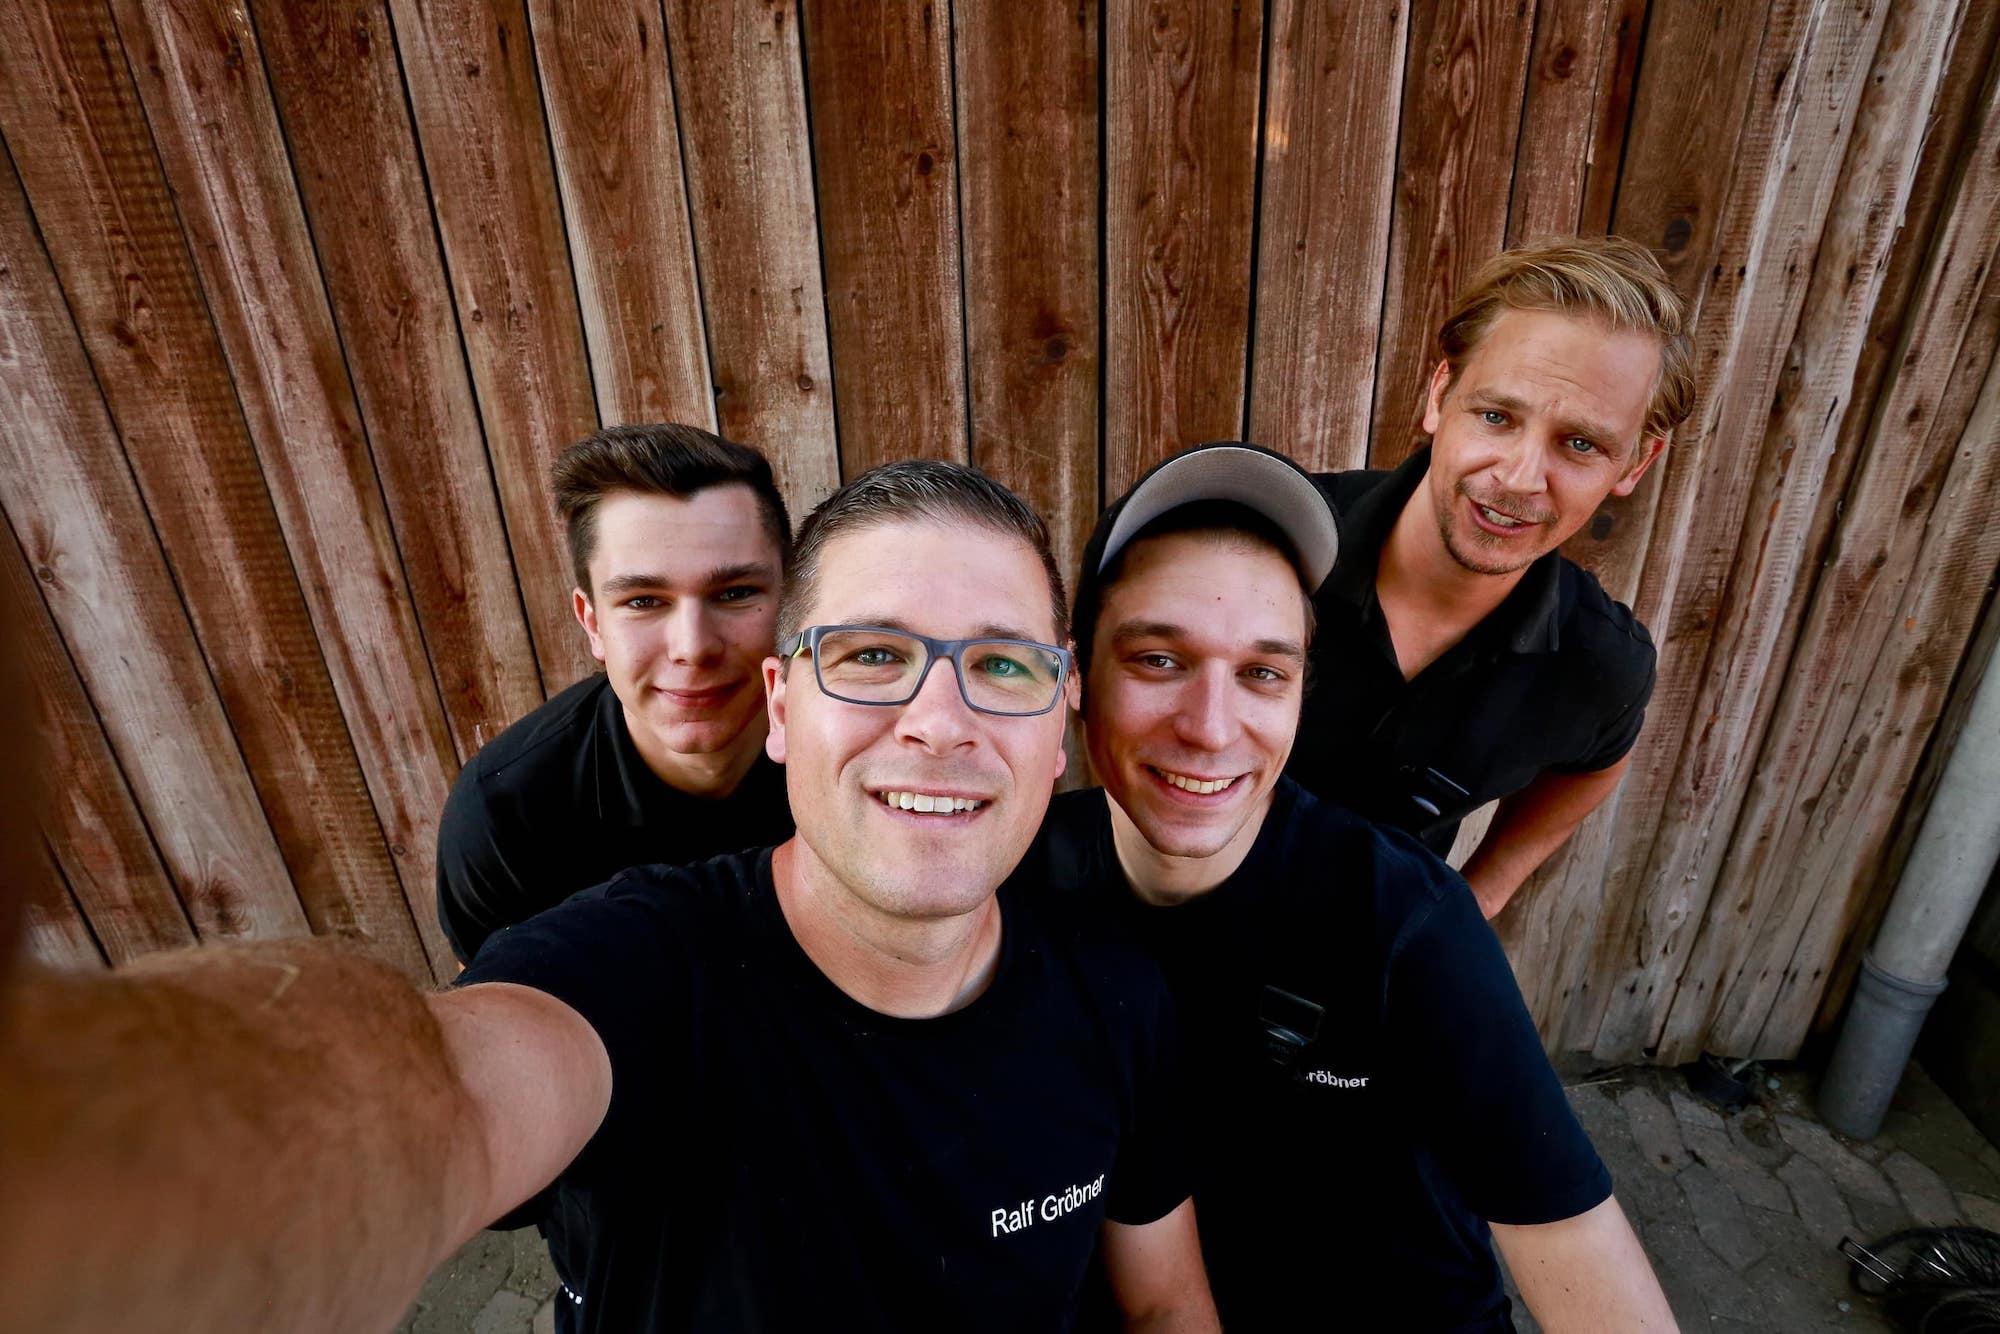 Team Selfie mit Timo Schädlich, Viktor Rauh, Ralf Gröbner und Jan Gröbner vom Schornsteinfegerbetrieb Ralf Gröbner